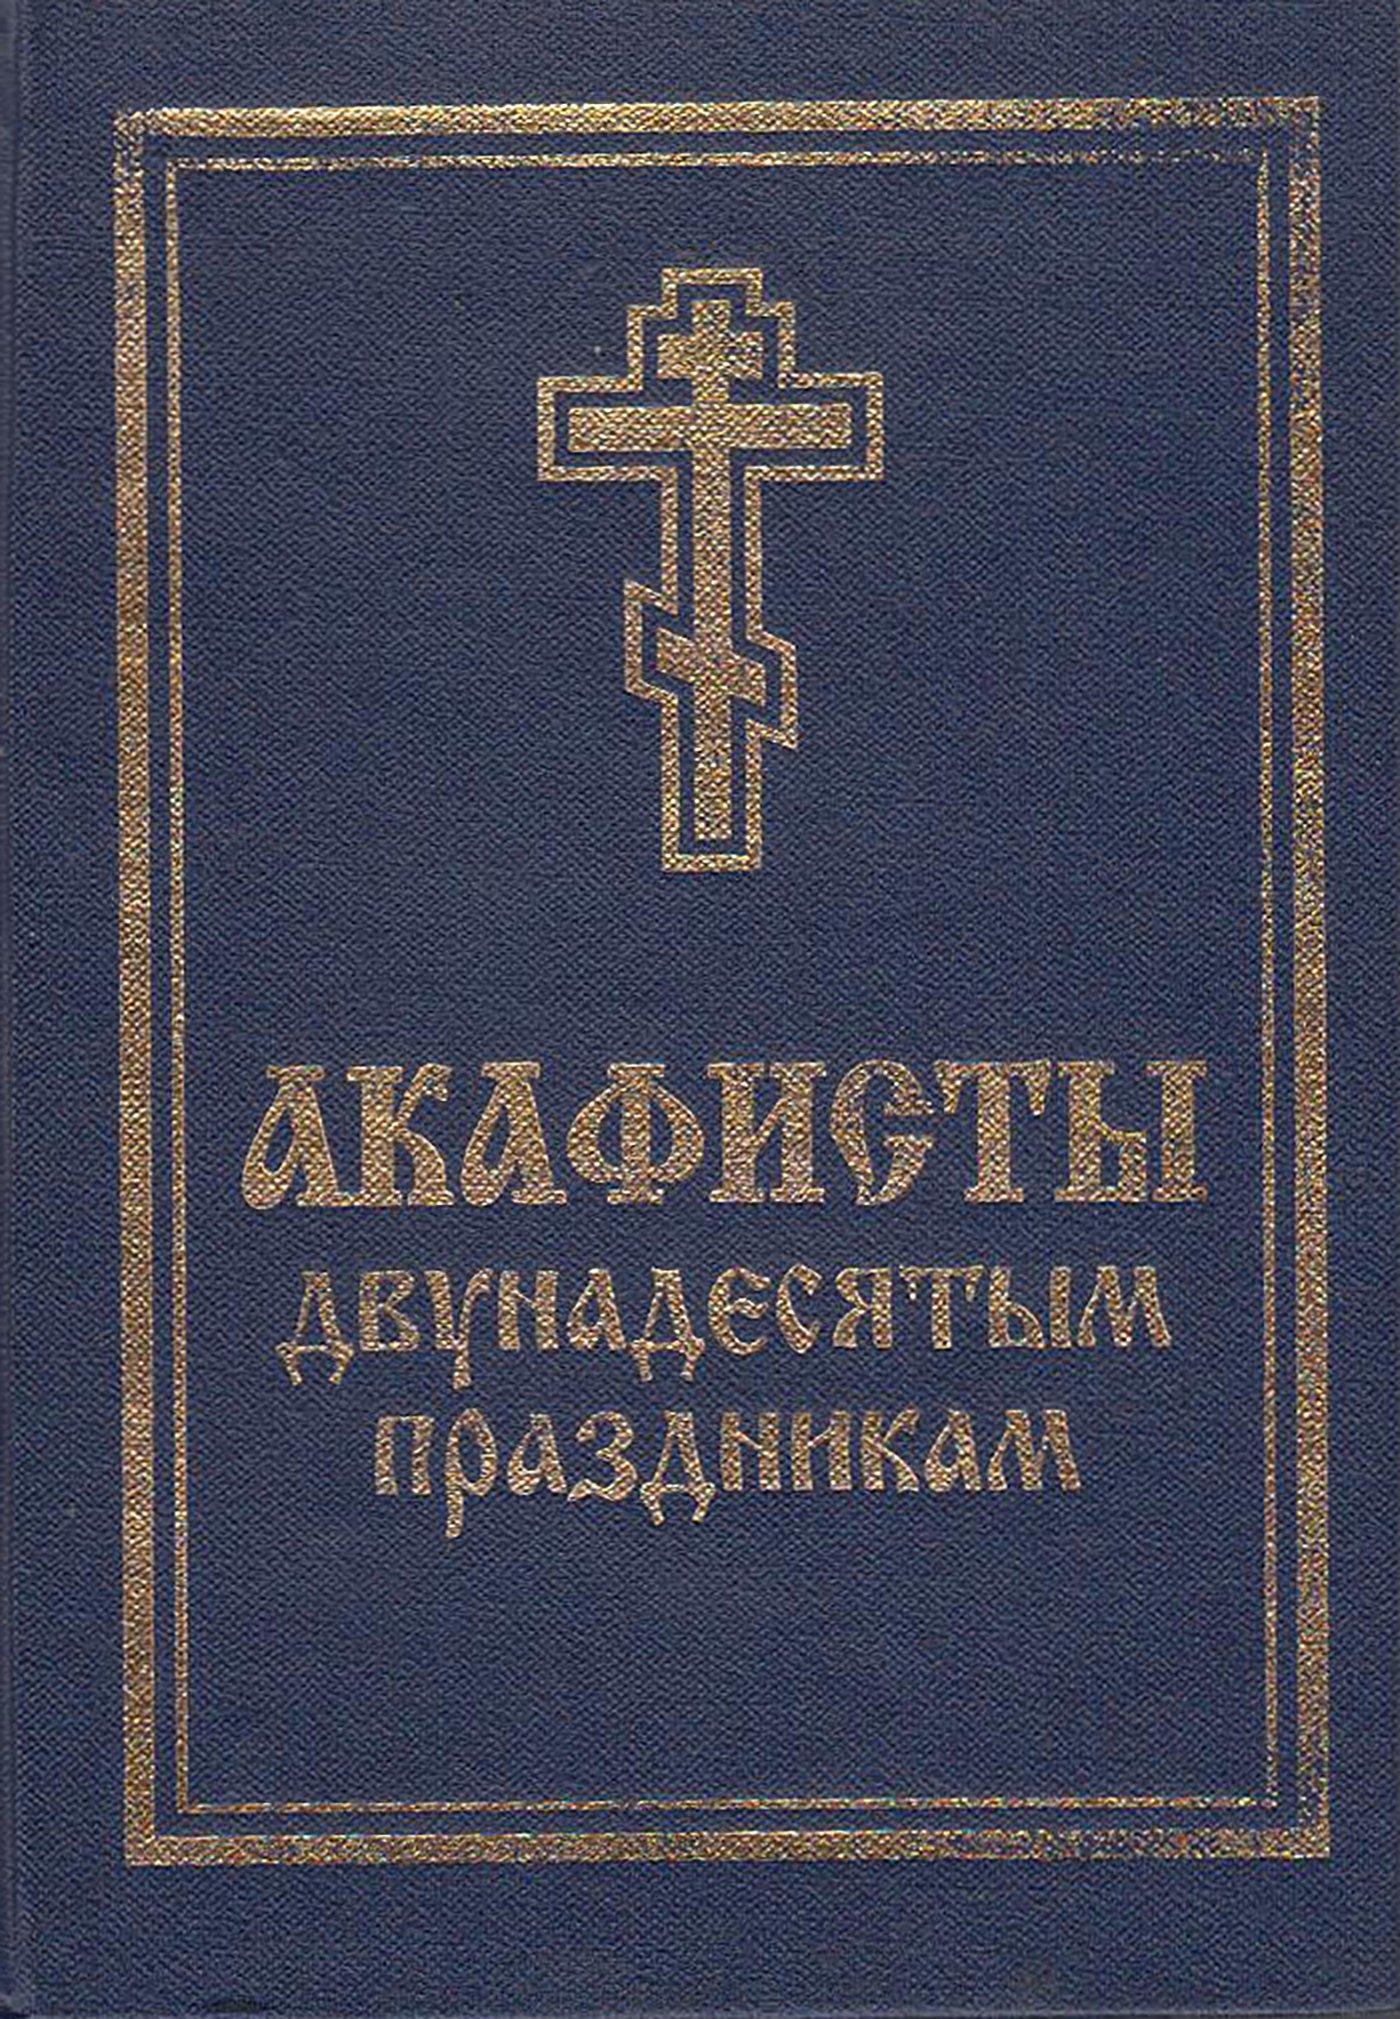 Отсутствует Акафисты святой Пасхе, Двунадесятым праздникам, Лазареву воскресению и сошествию Святого Духа акафисты